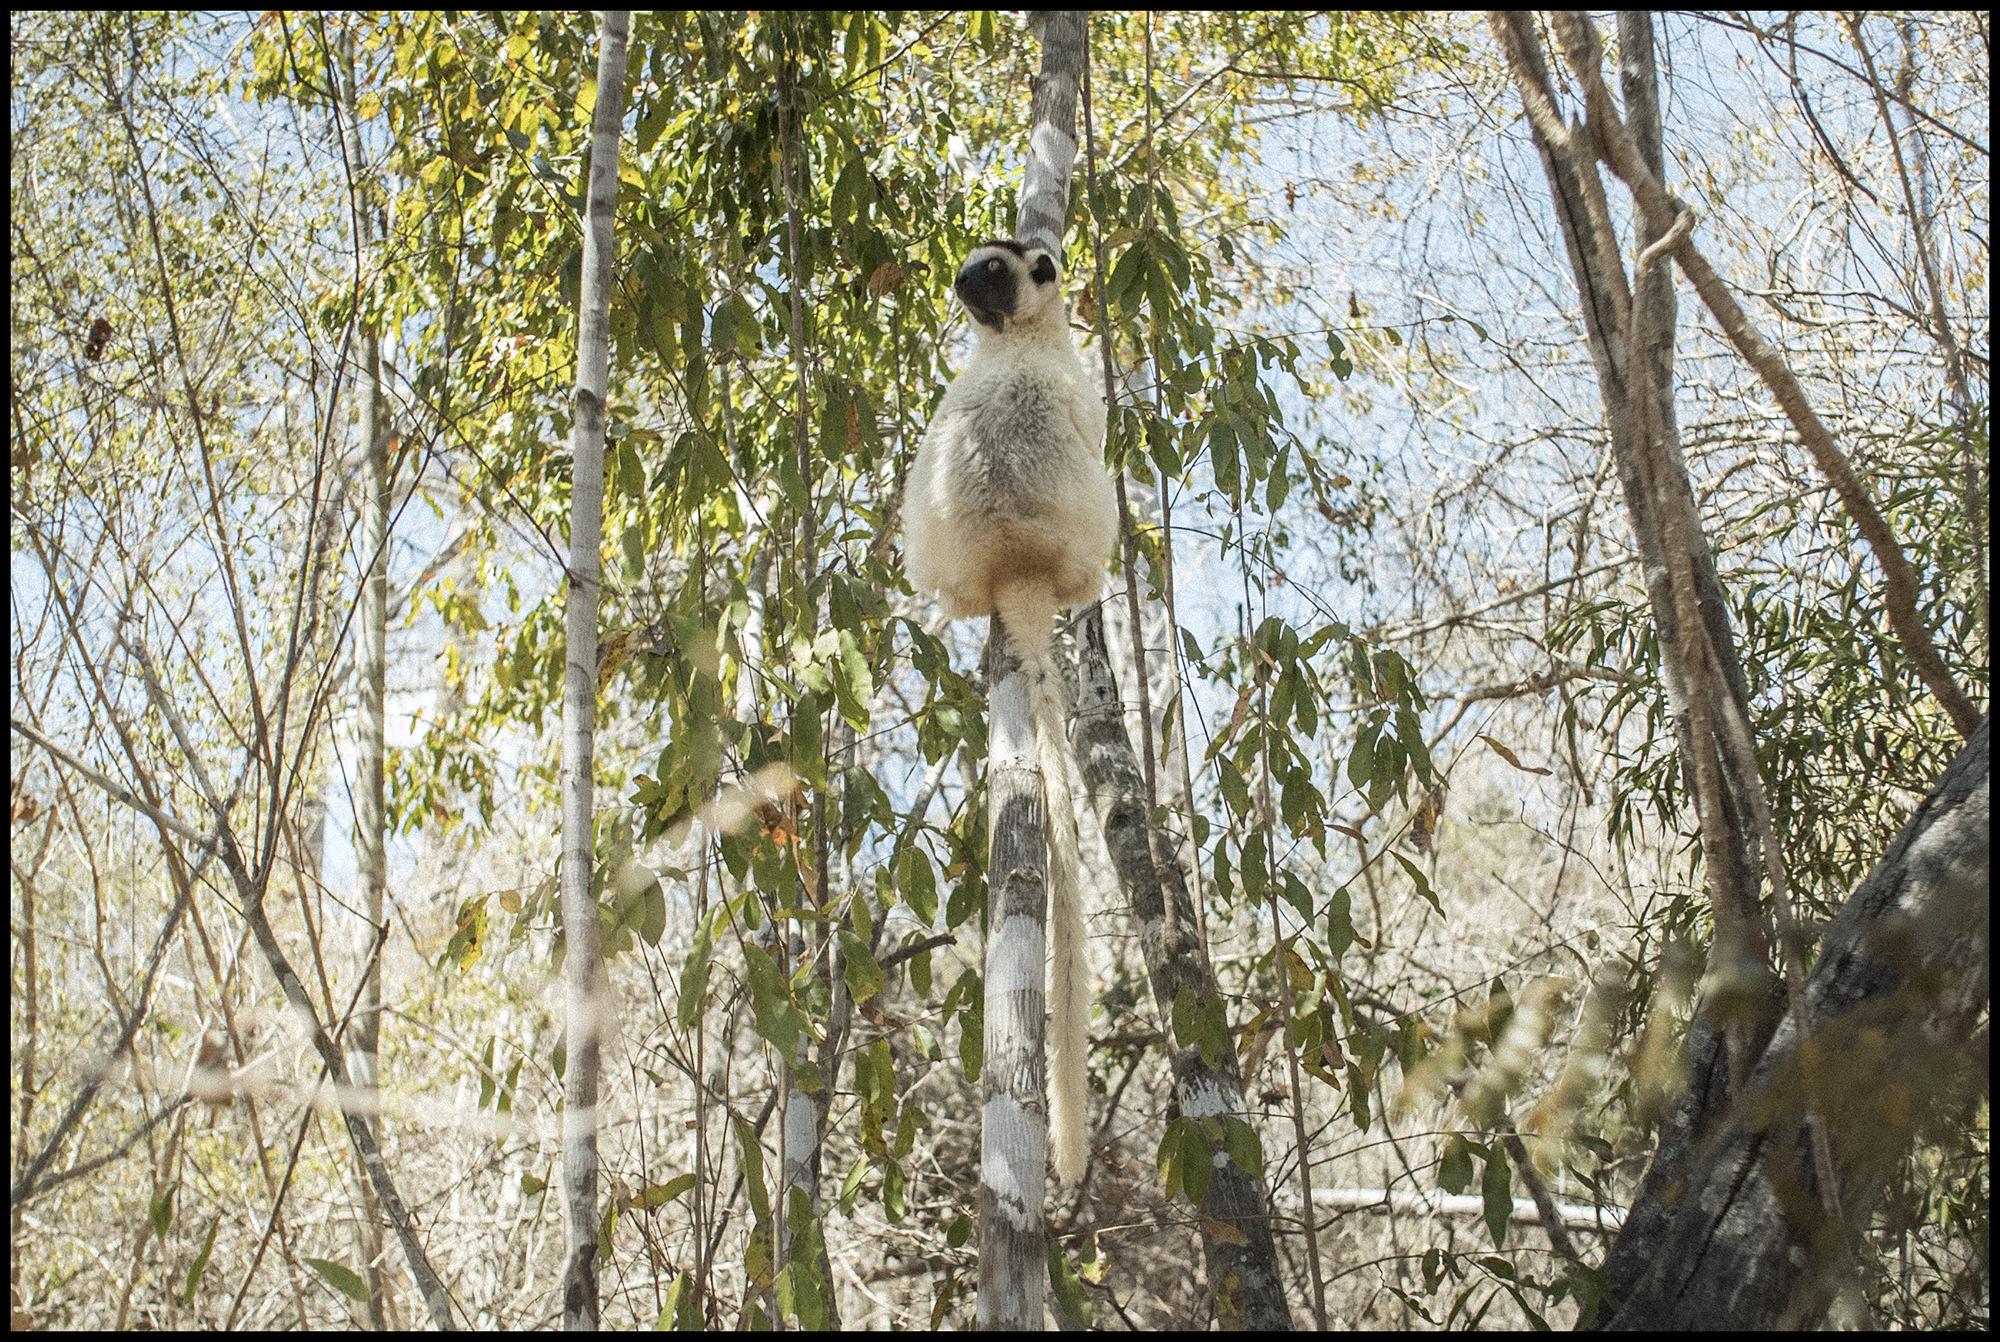 Digital Patrik Wallner Baobab Lemur Blending In LOWQ 2000P